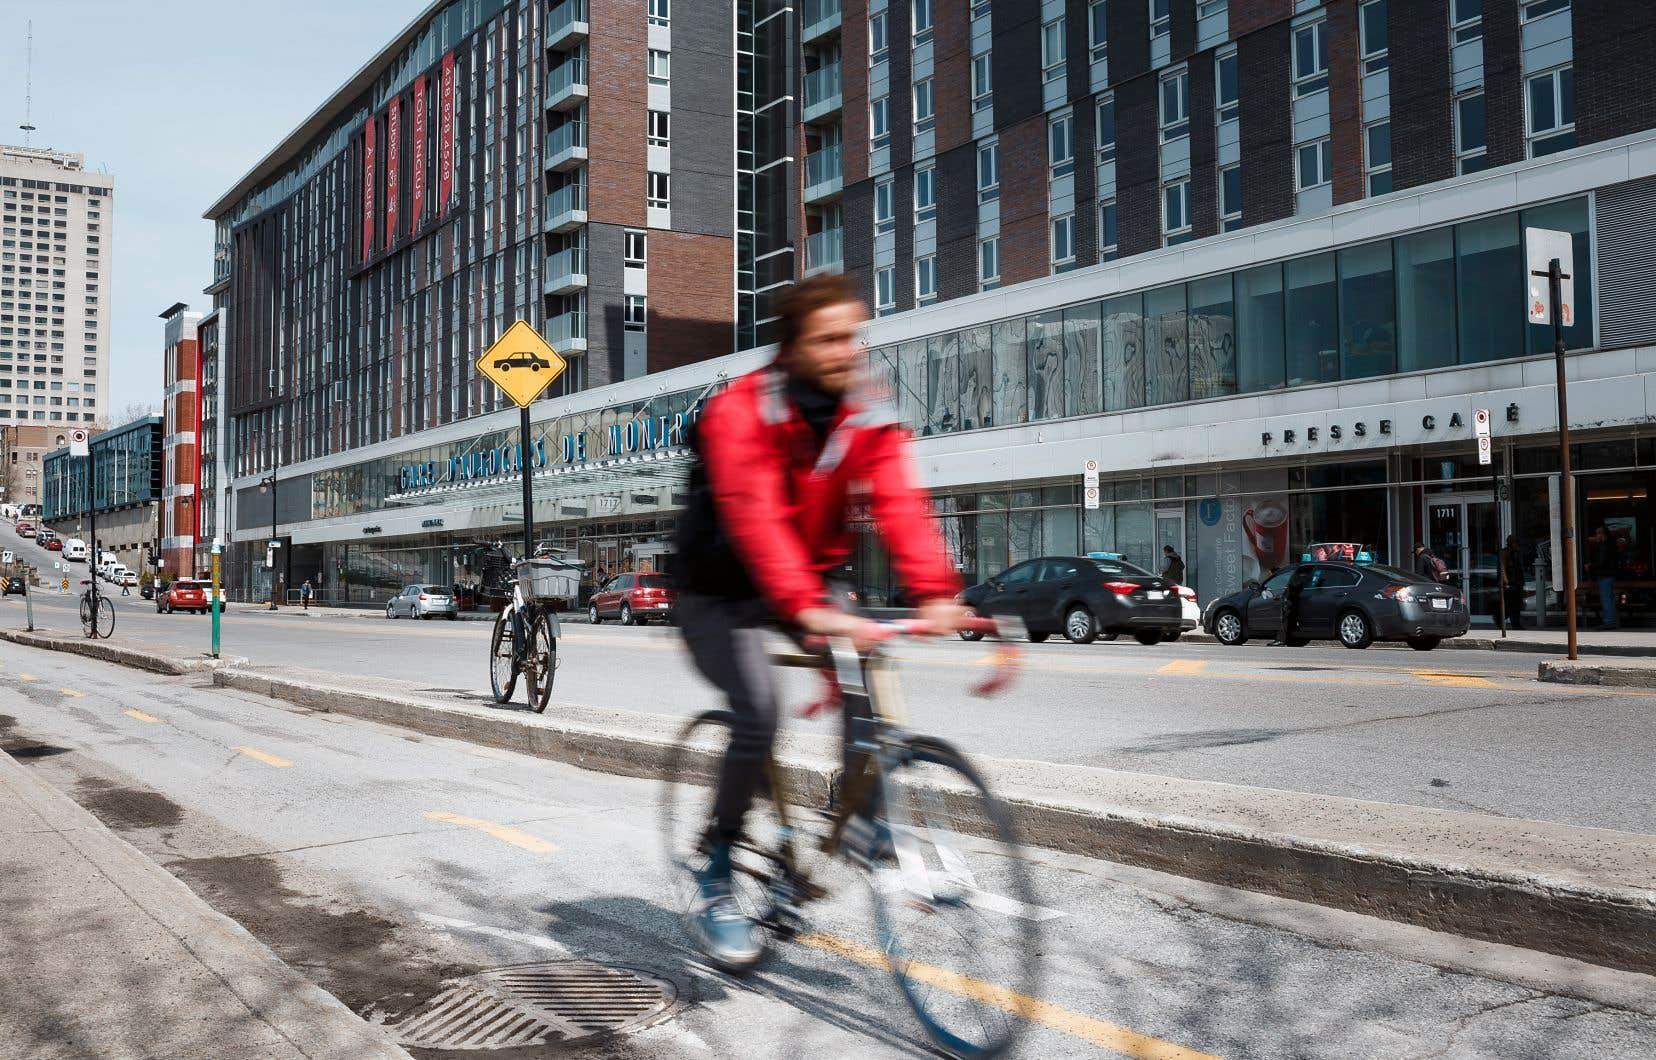 À Montréal, seulement 11% des répondants croient qu'il y a trop de pistes cyclables en site propre dans leur ville, alors que 49% d'entre eux jugent qu'il n'y en a pas assez.